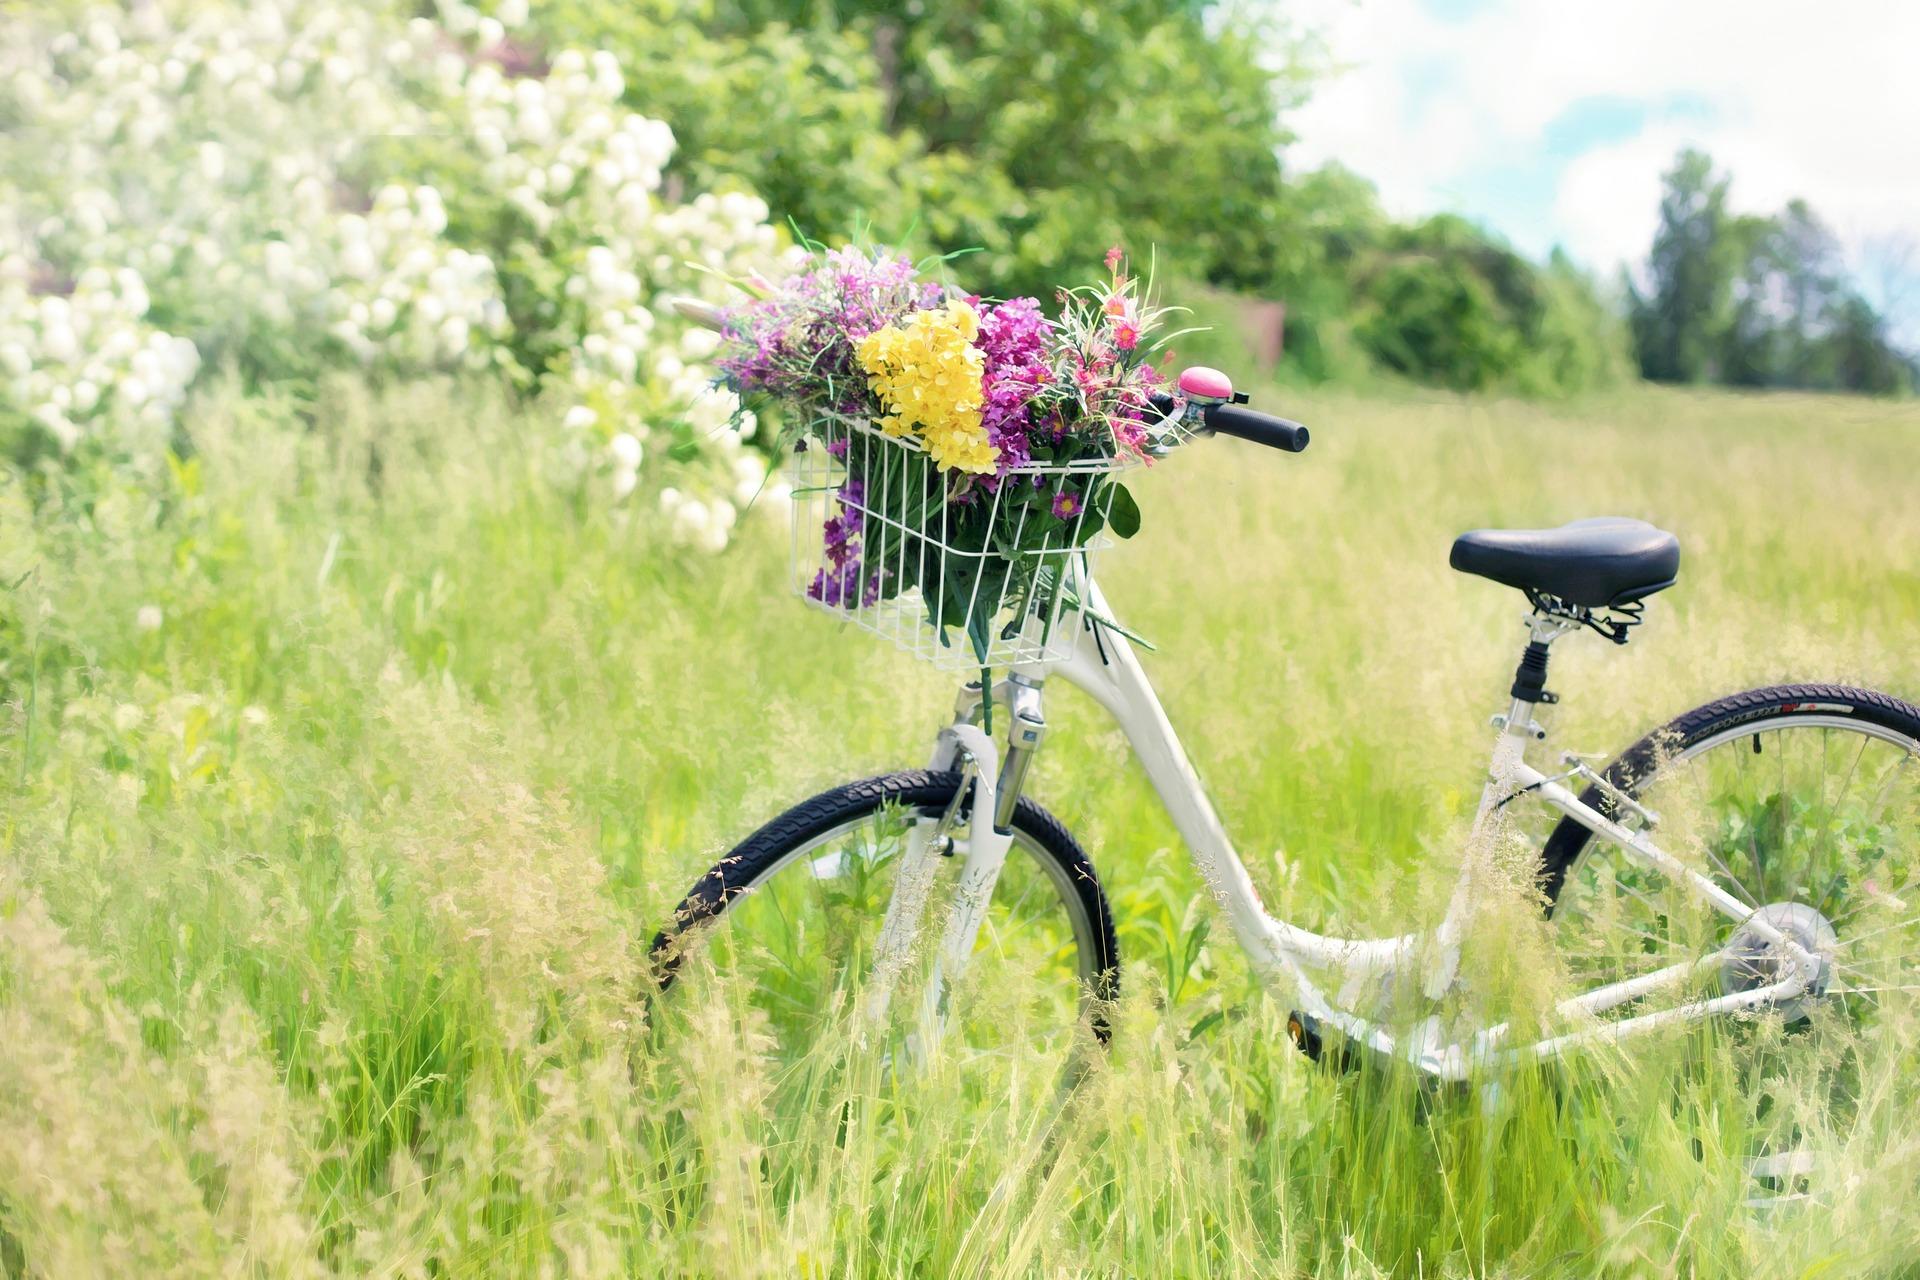 bicycle-788733_1920.jpg